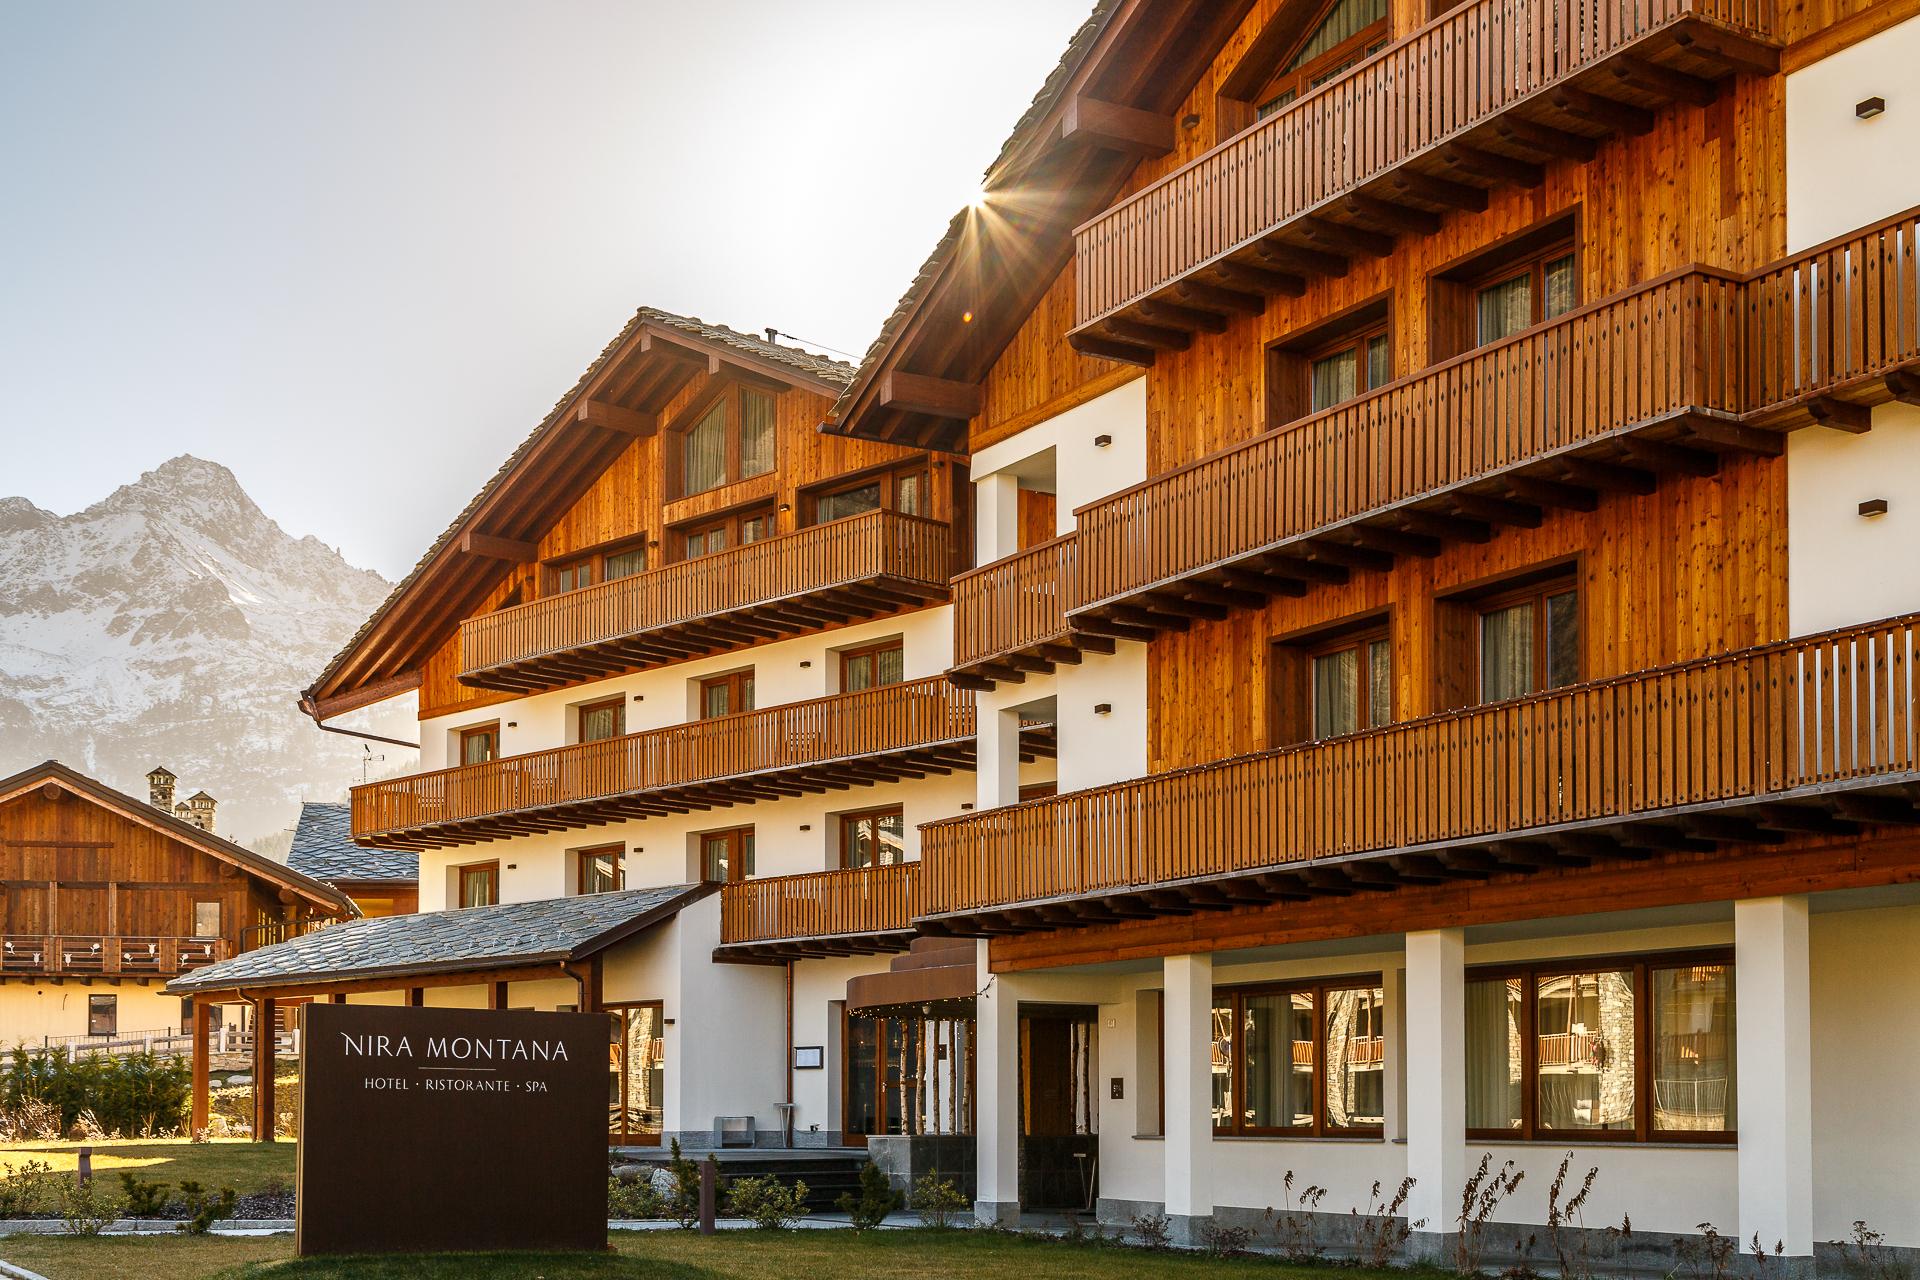 Nira montana la thuile skiweekend mit stil reisetipps for Designhotel skigebiet